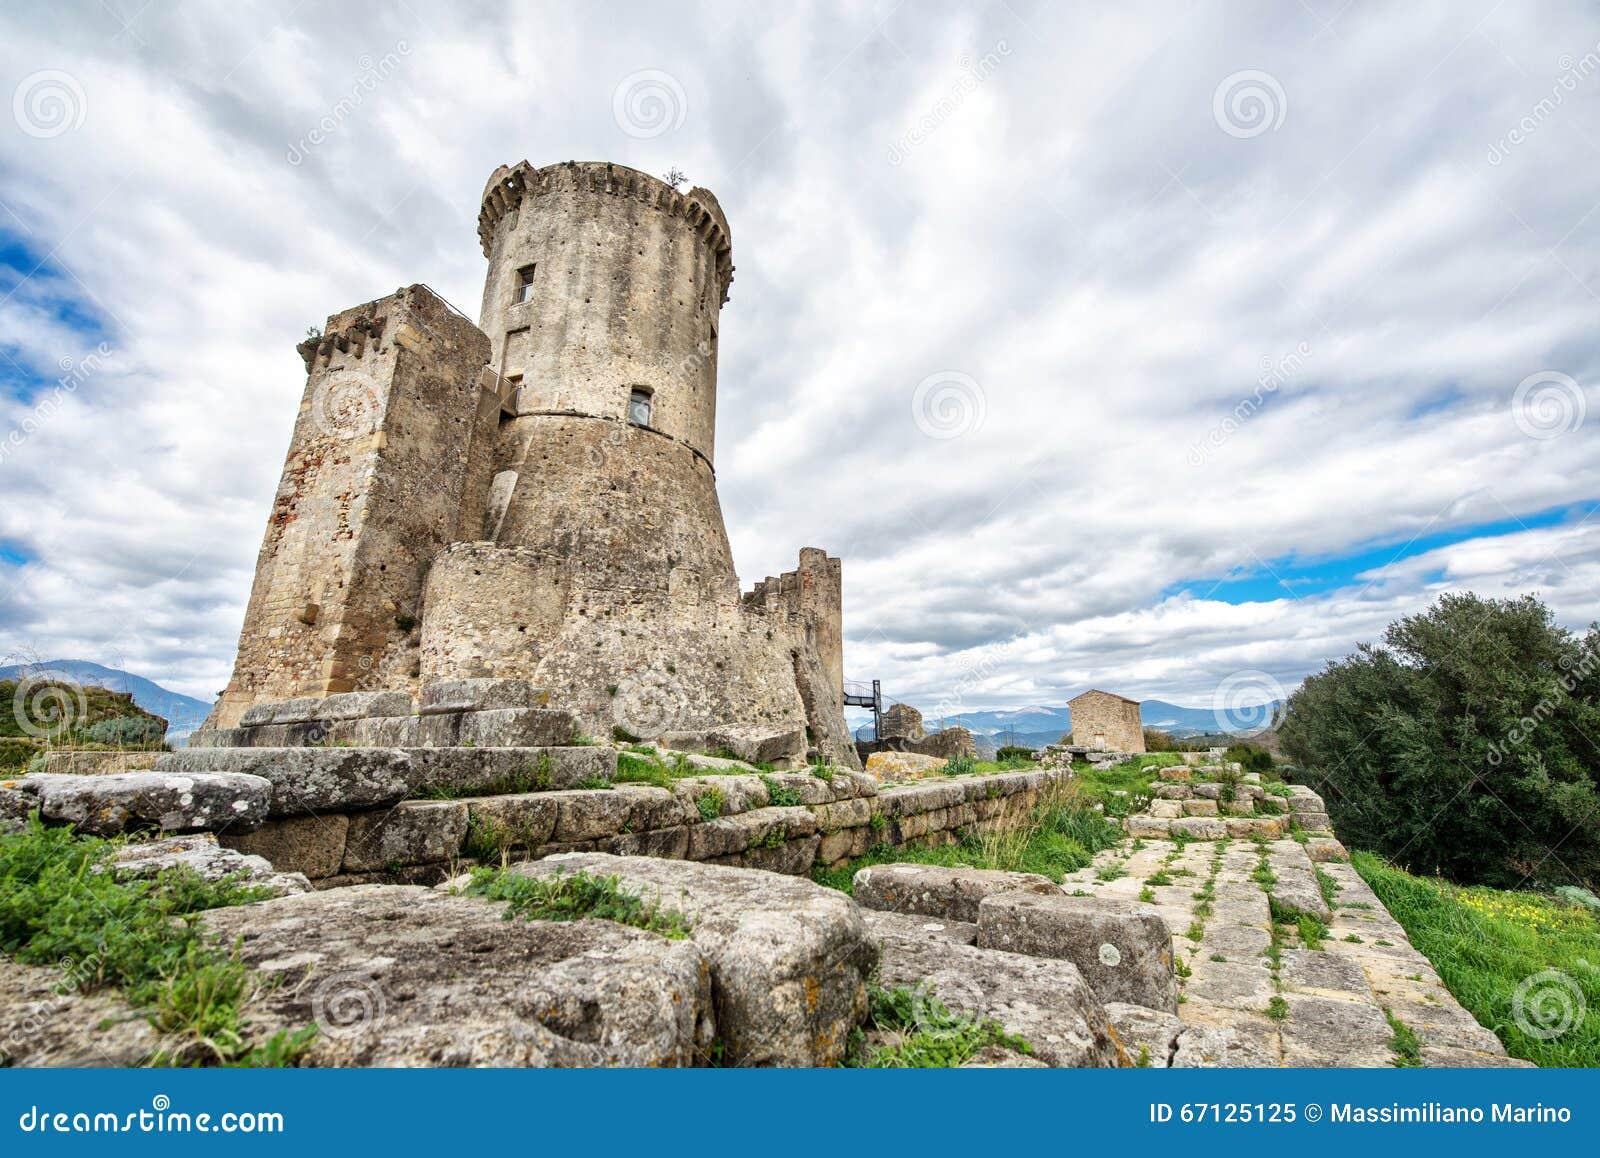 Elea Velia nas épocas romanas, é uma cidade antiga de Magna Grecia